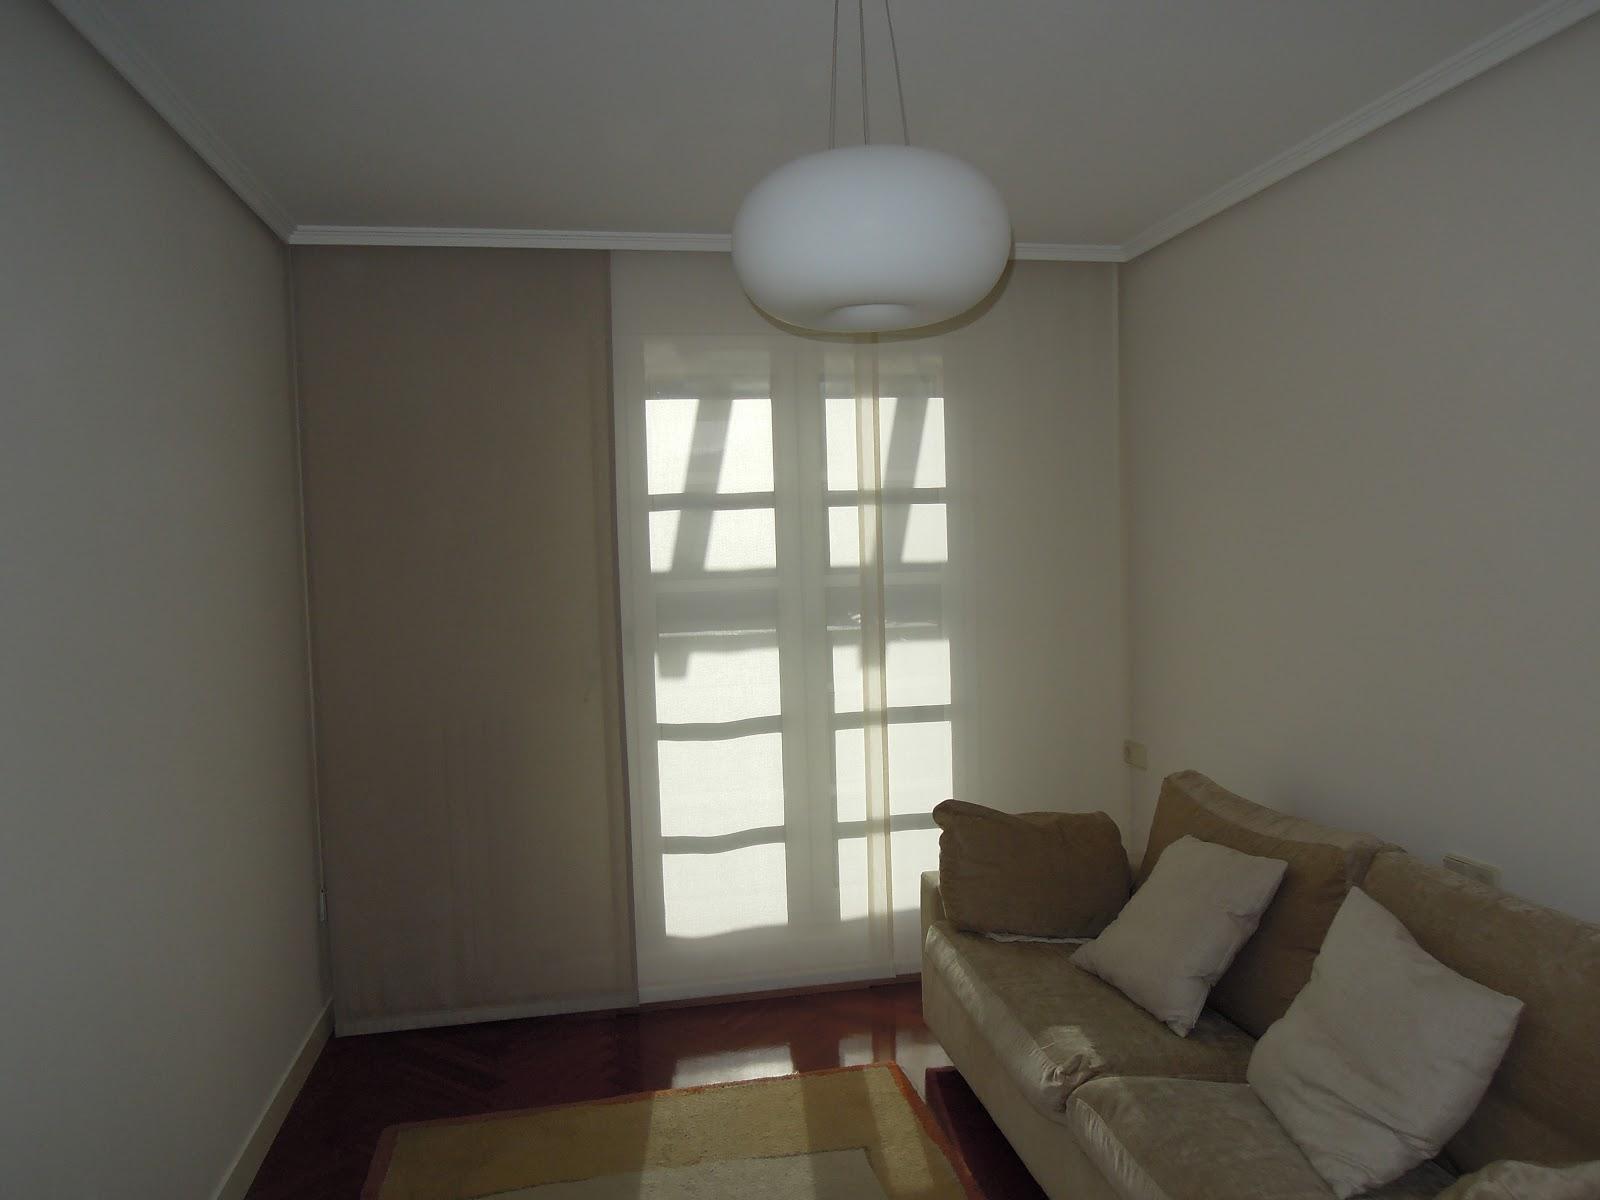 Fotos de cortinas dormitorio juvenil 2012 for Cortinas dormitorio principal